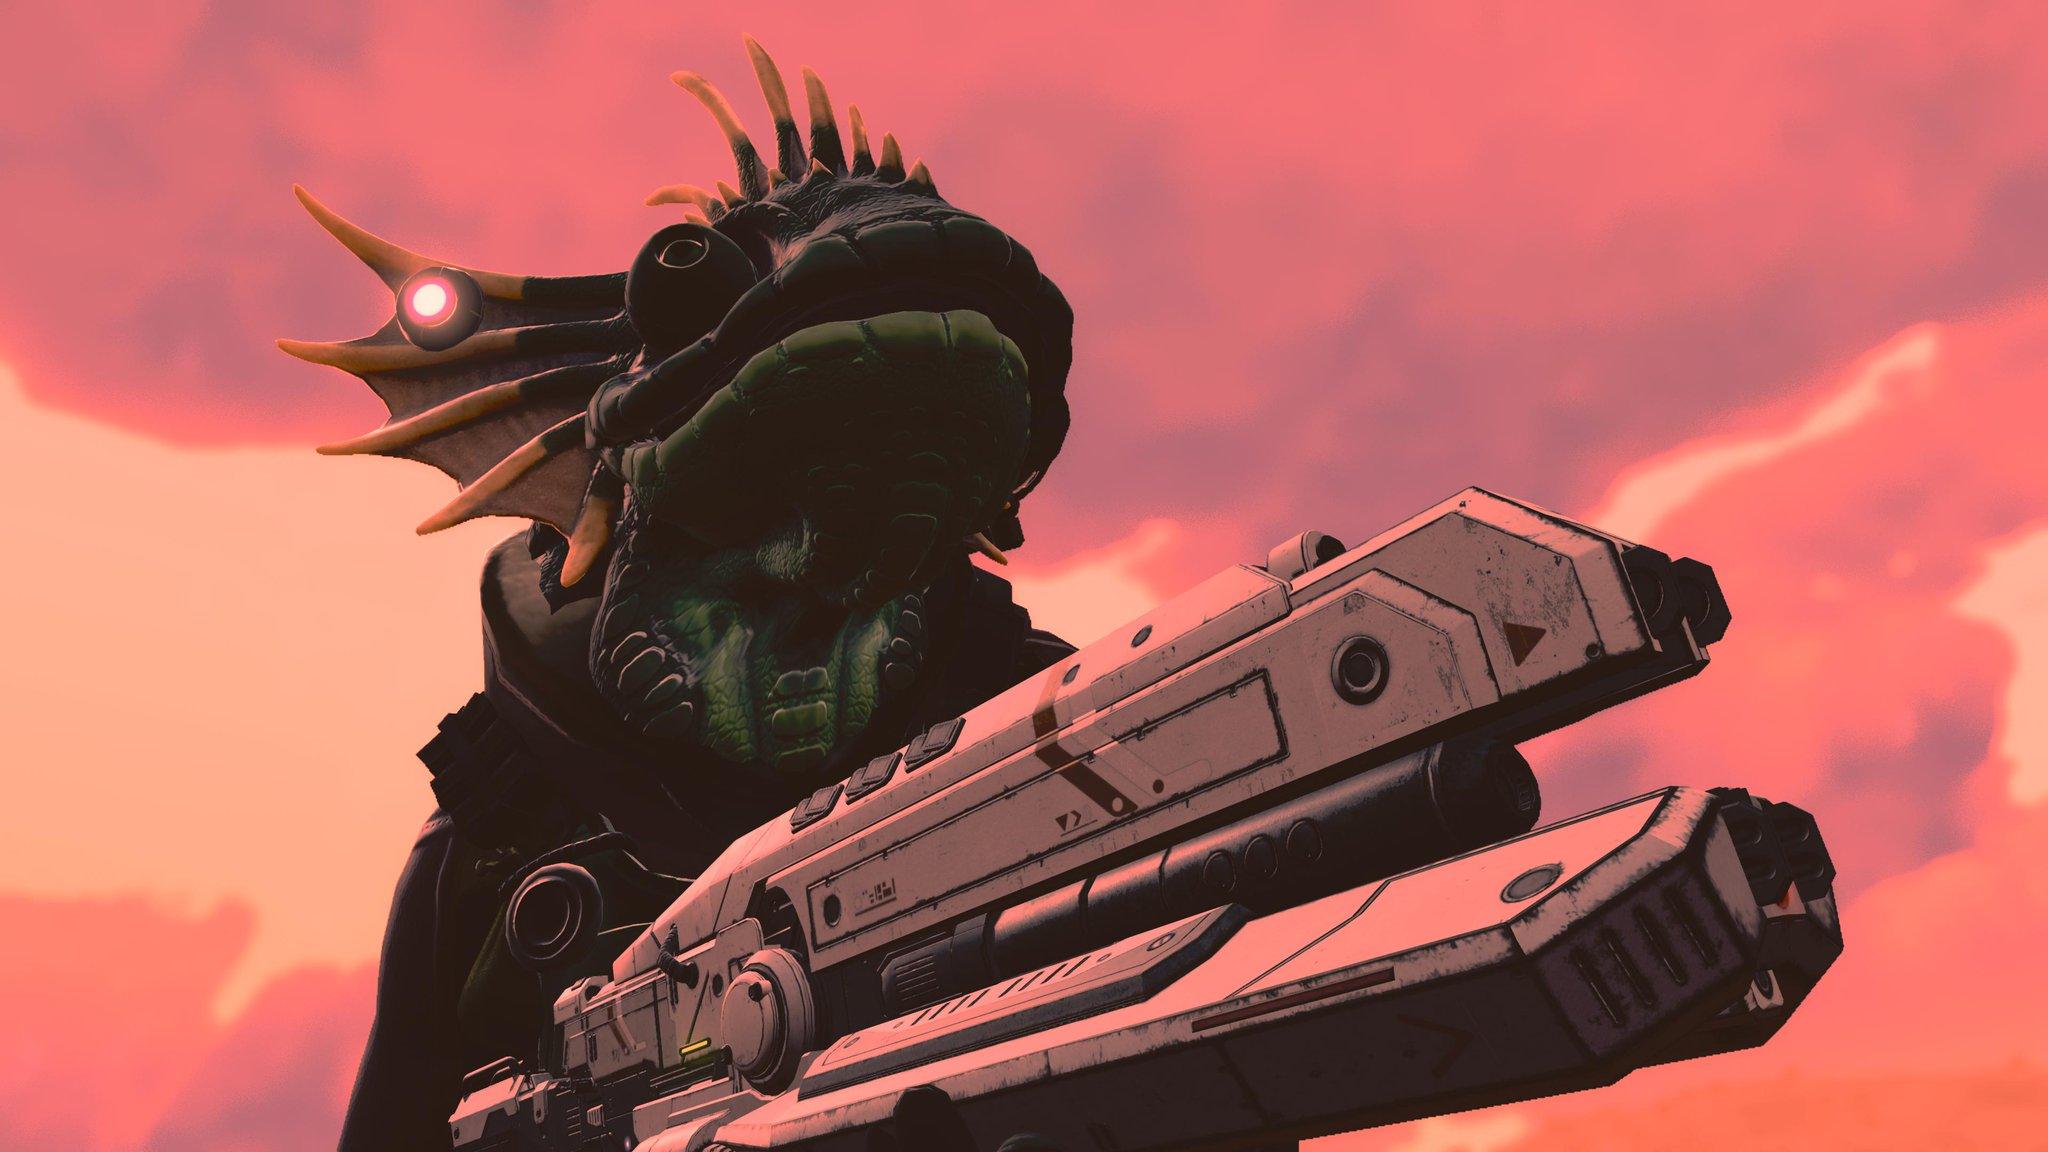 A lizard chum wielding a laser blaster against a dirty pink sky.